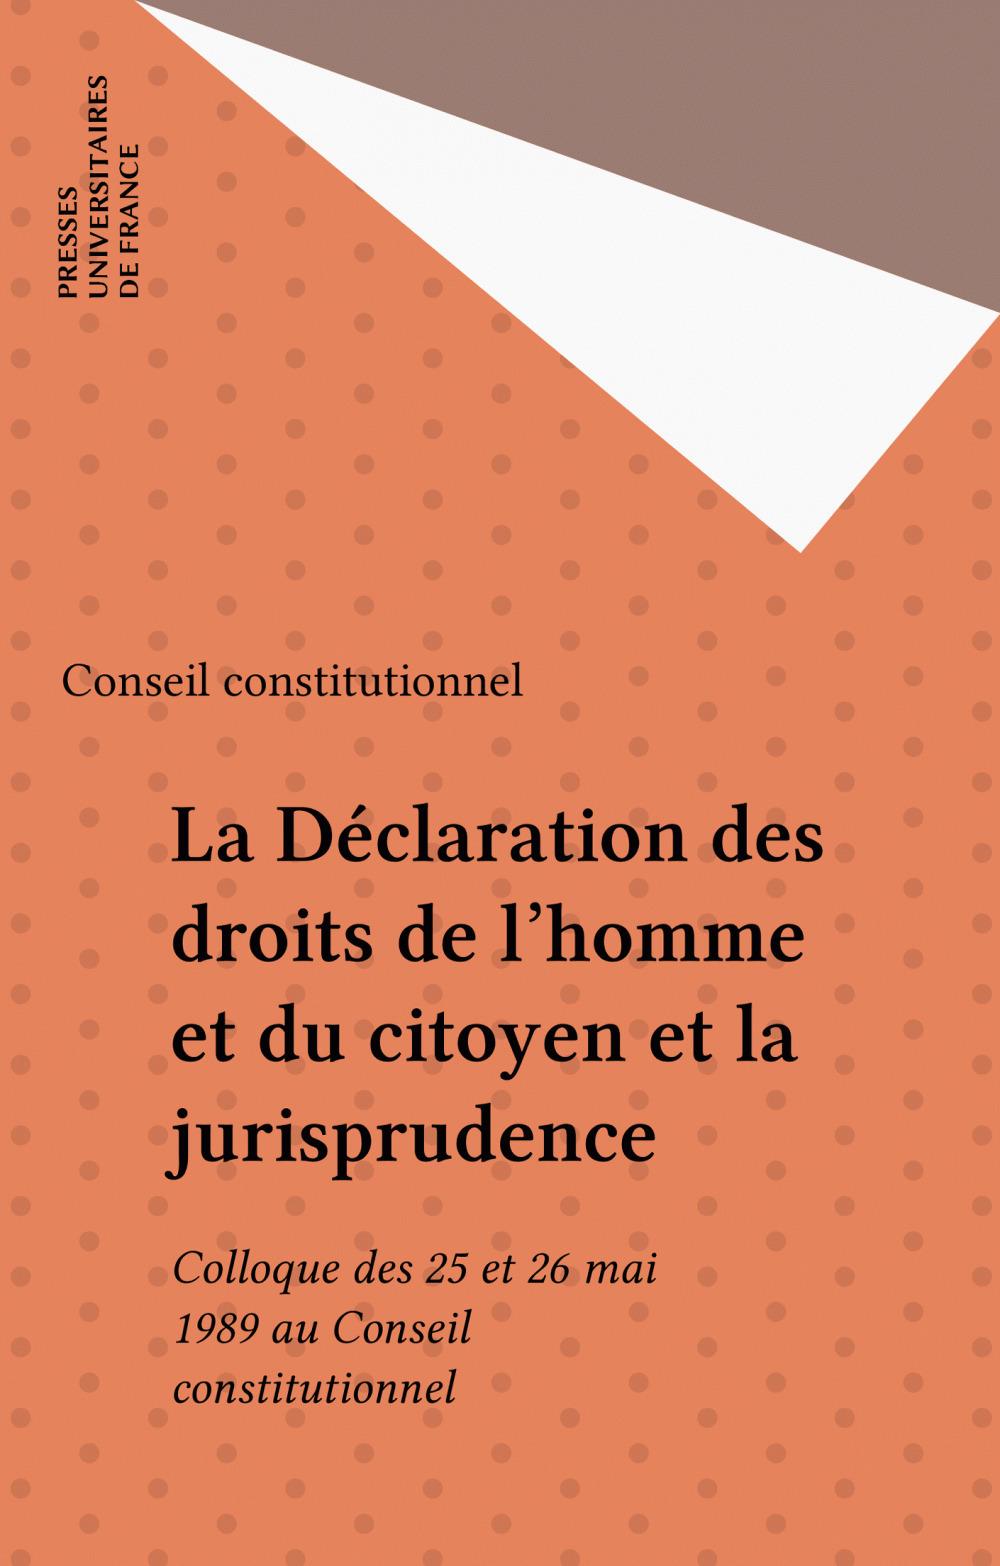 La Déclaration des droits de l'homme et du citoyen et la jurisprudence